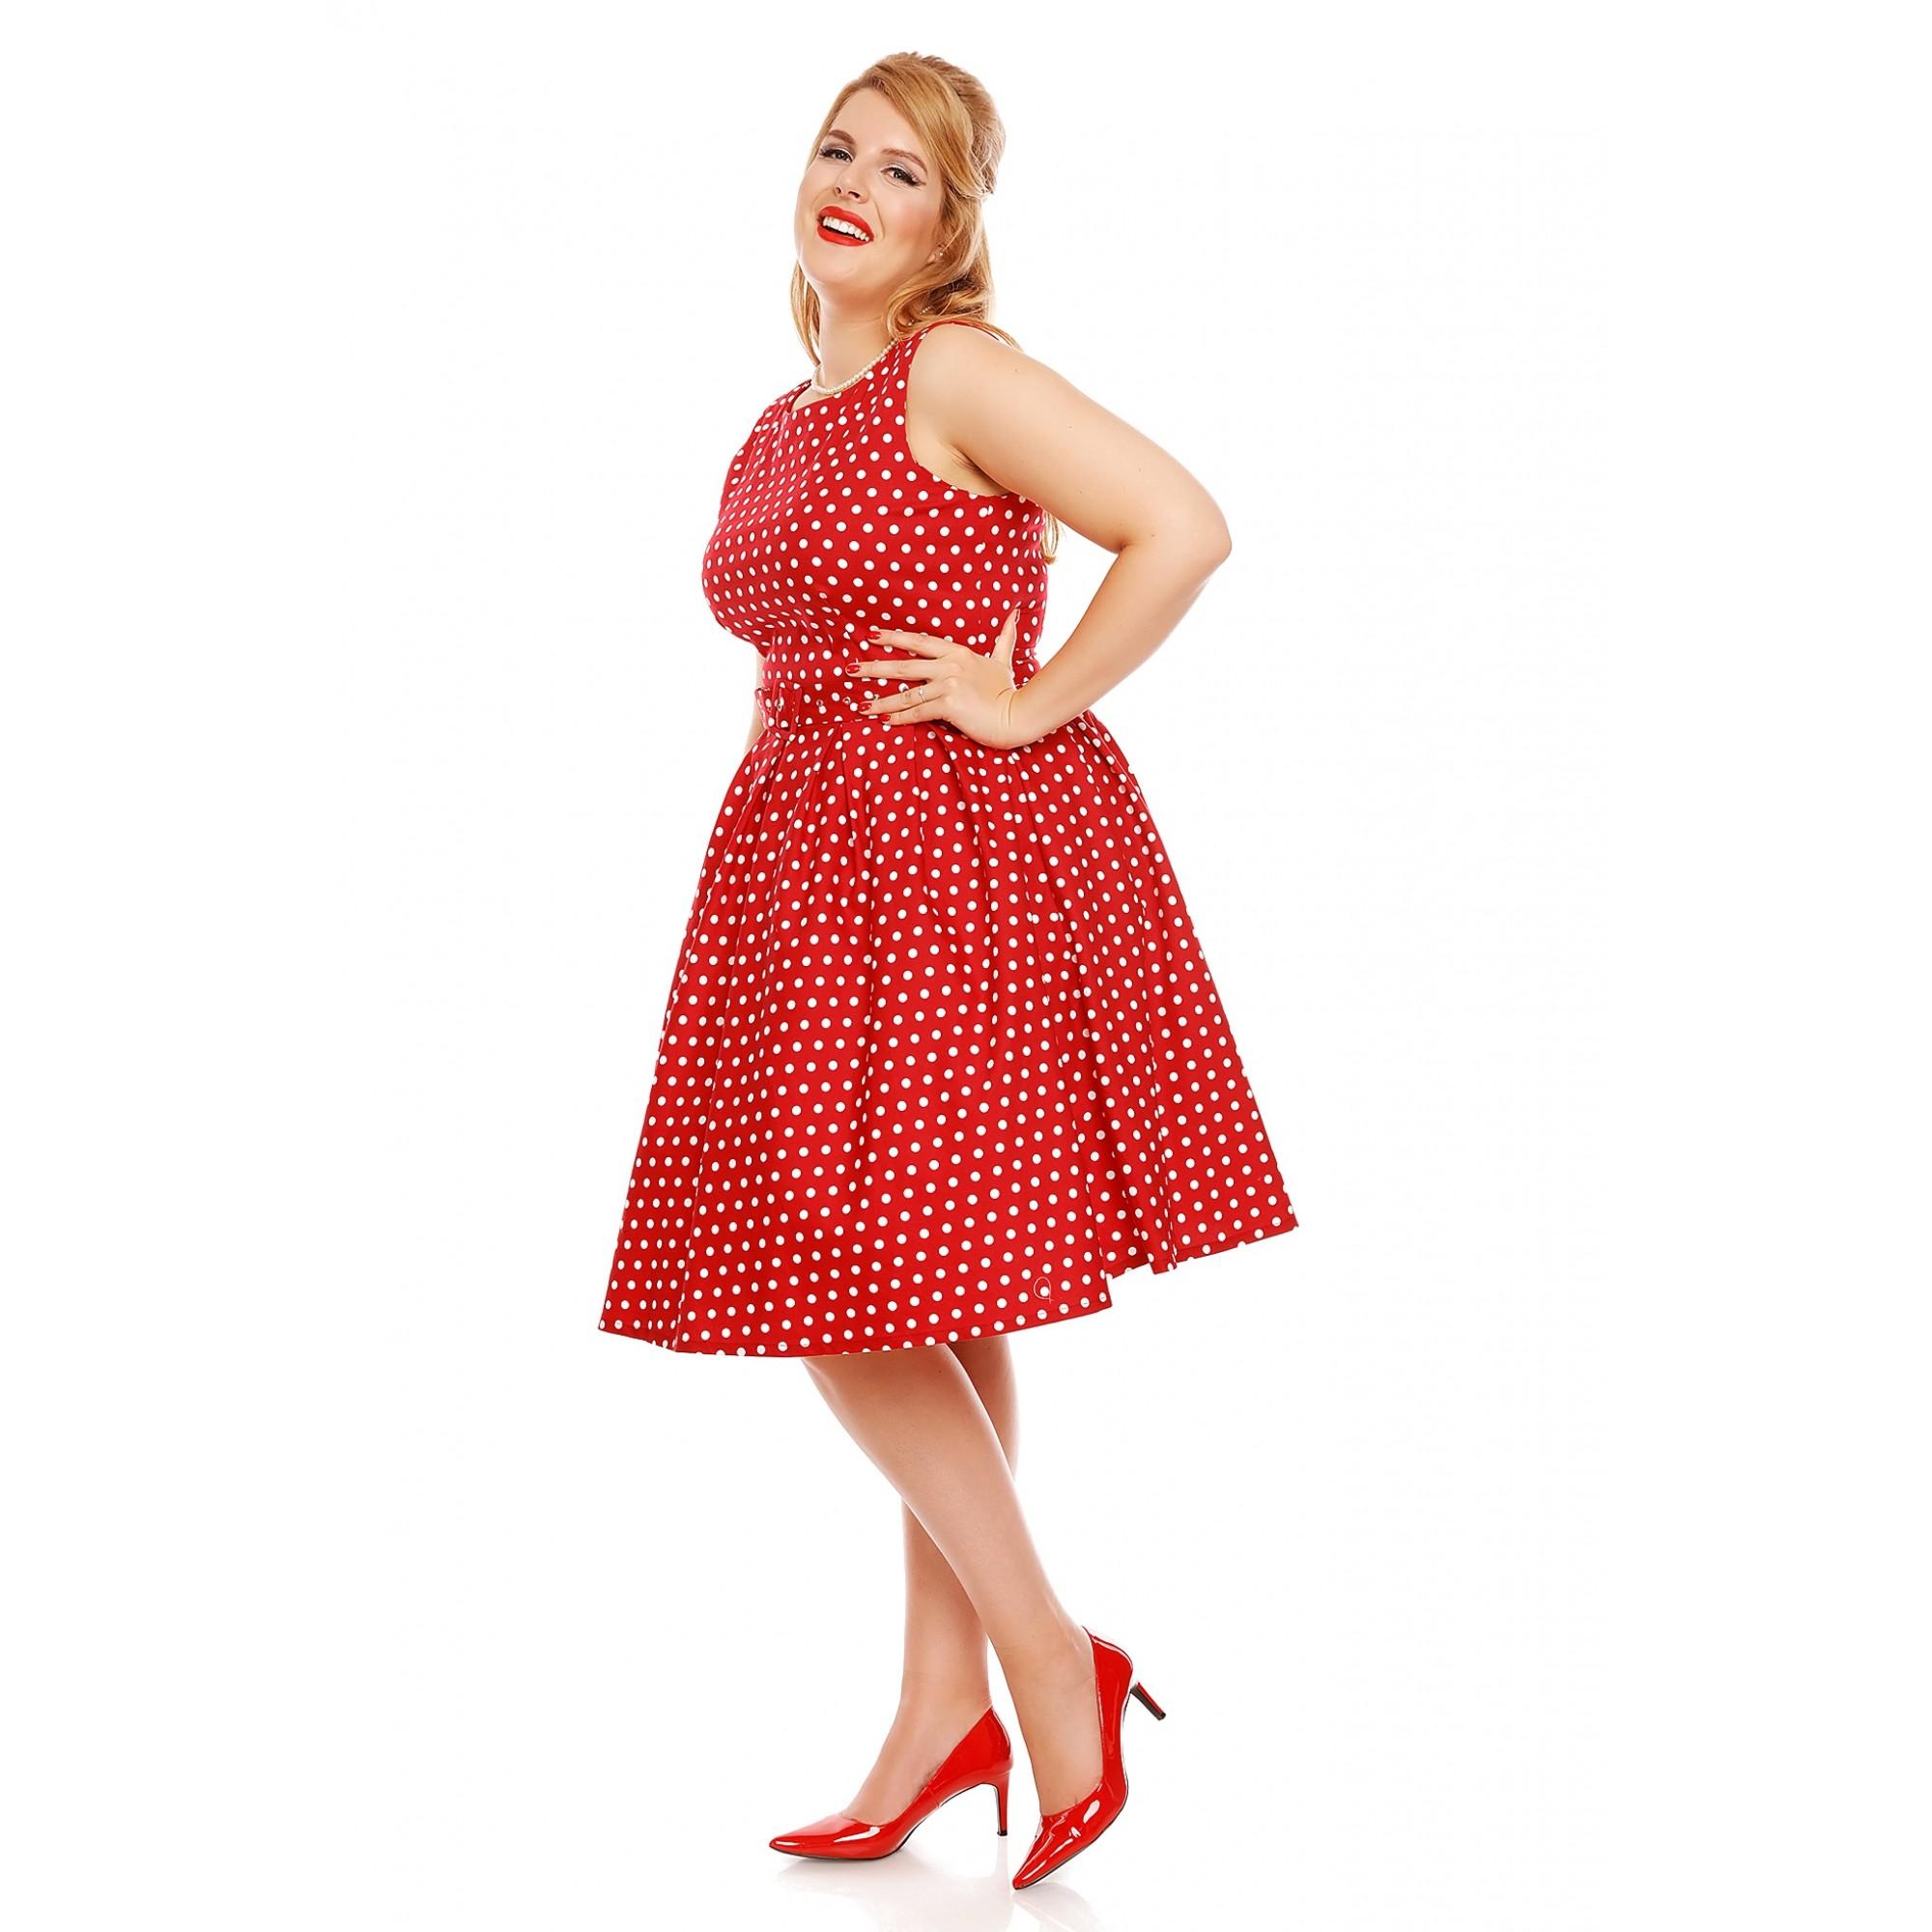 045a1c5b80c Štylové červené retro šaty s bílýmy puntíky